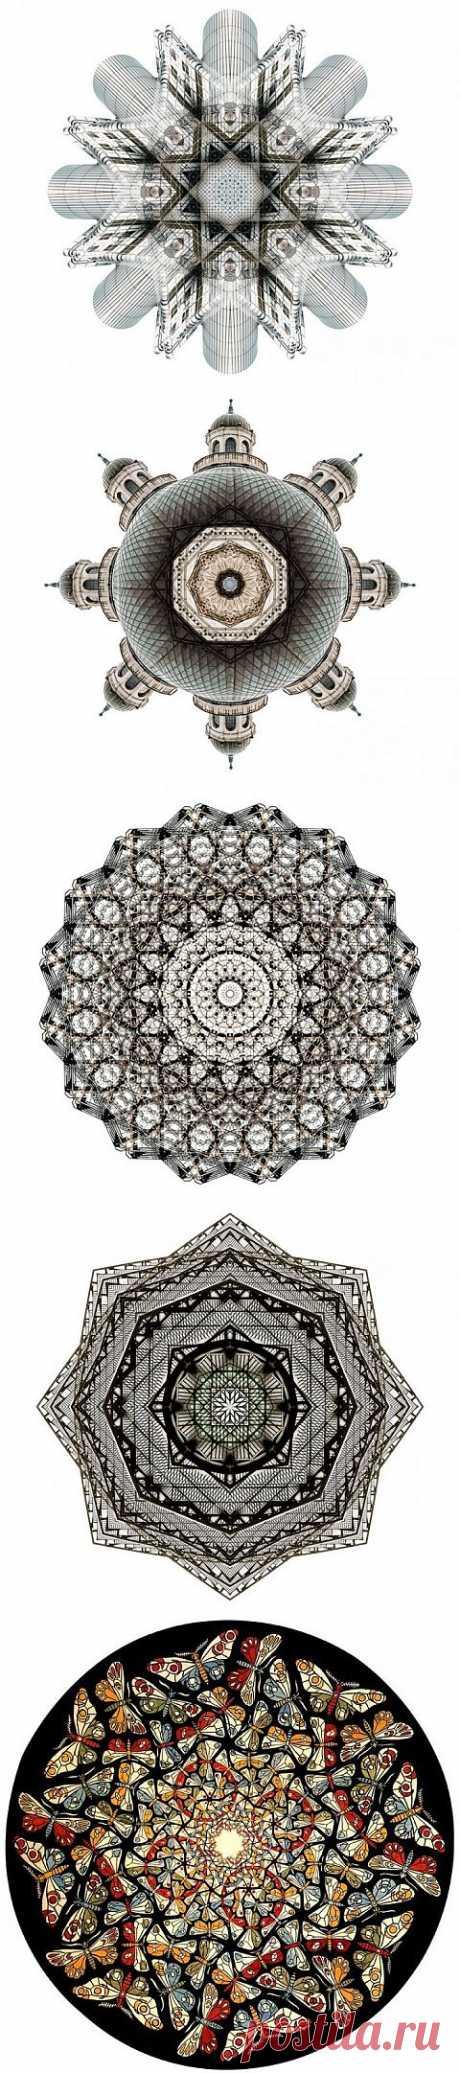 (+1) тема - Серия калейдоскопических изображений Кори Стивенса | Искусство